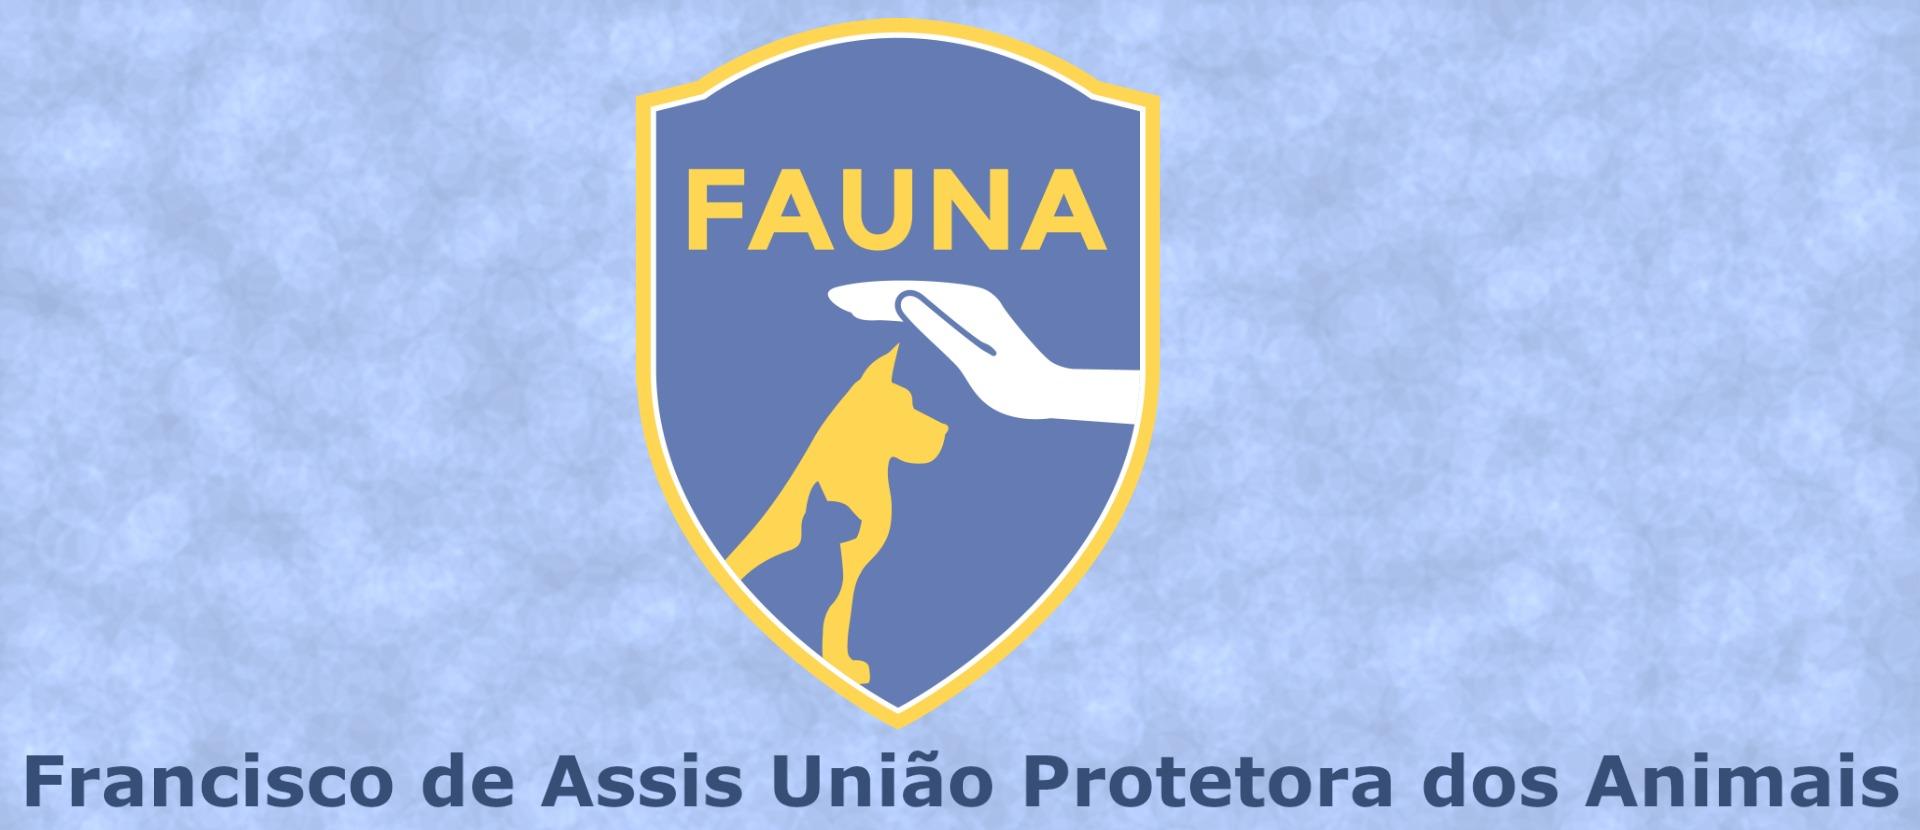 FAUNA - Francisco de Assis União Protetora dos Animais